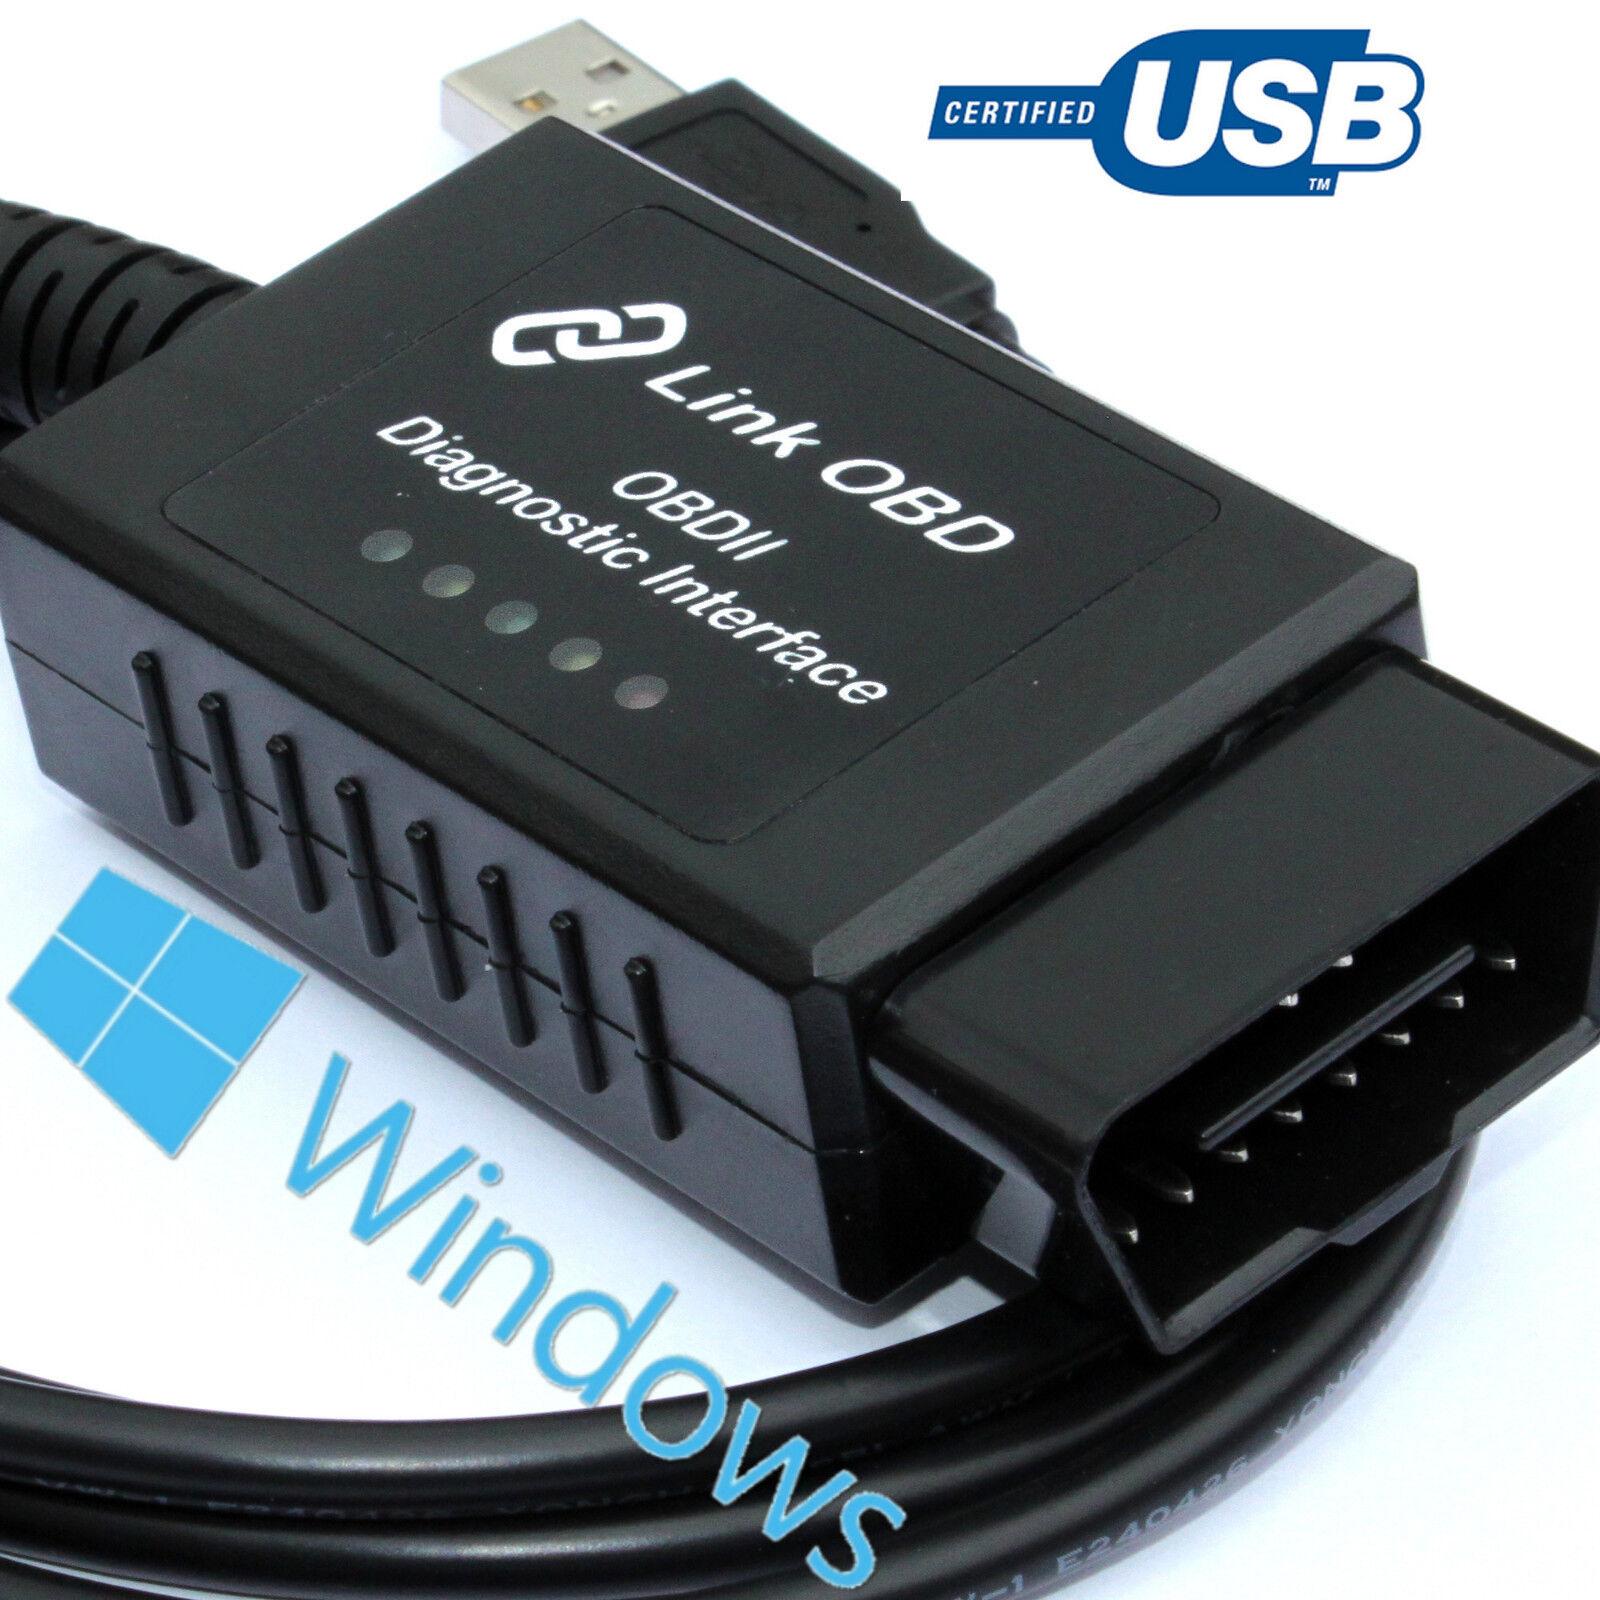 ELM327 USB modified fits Jaguar OBD2 diagnostic code reader reset toolfits